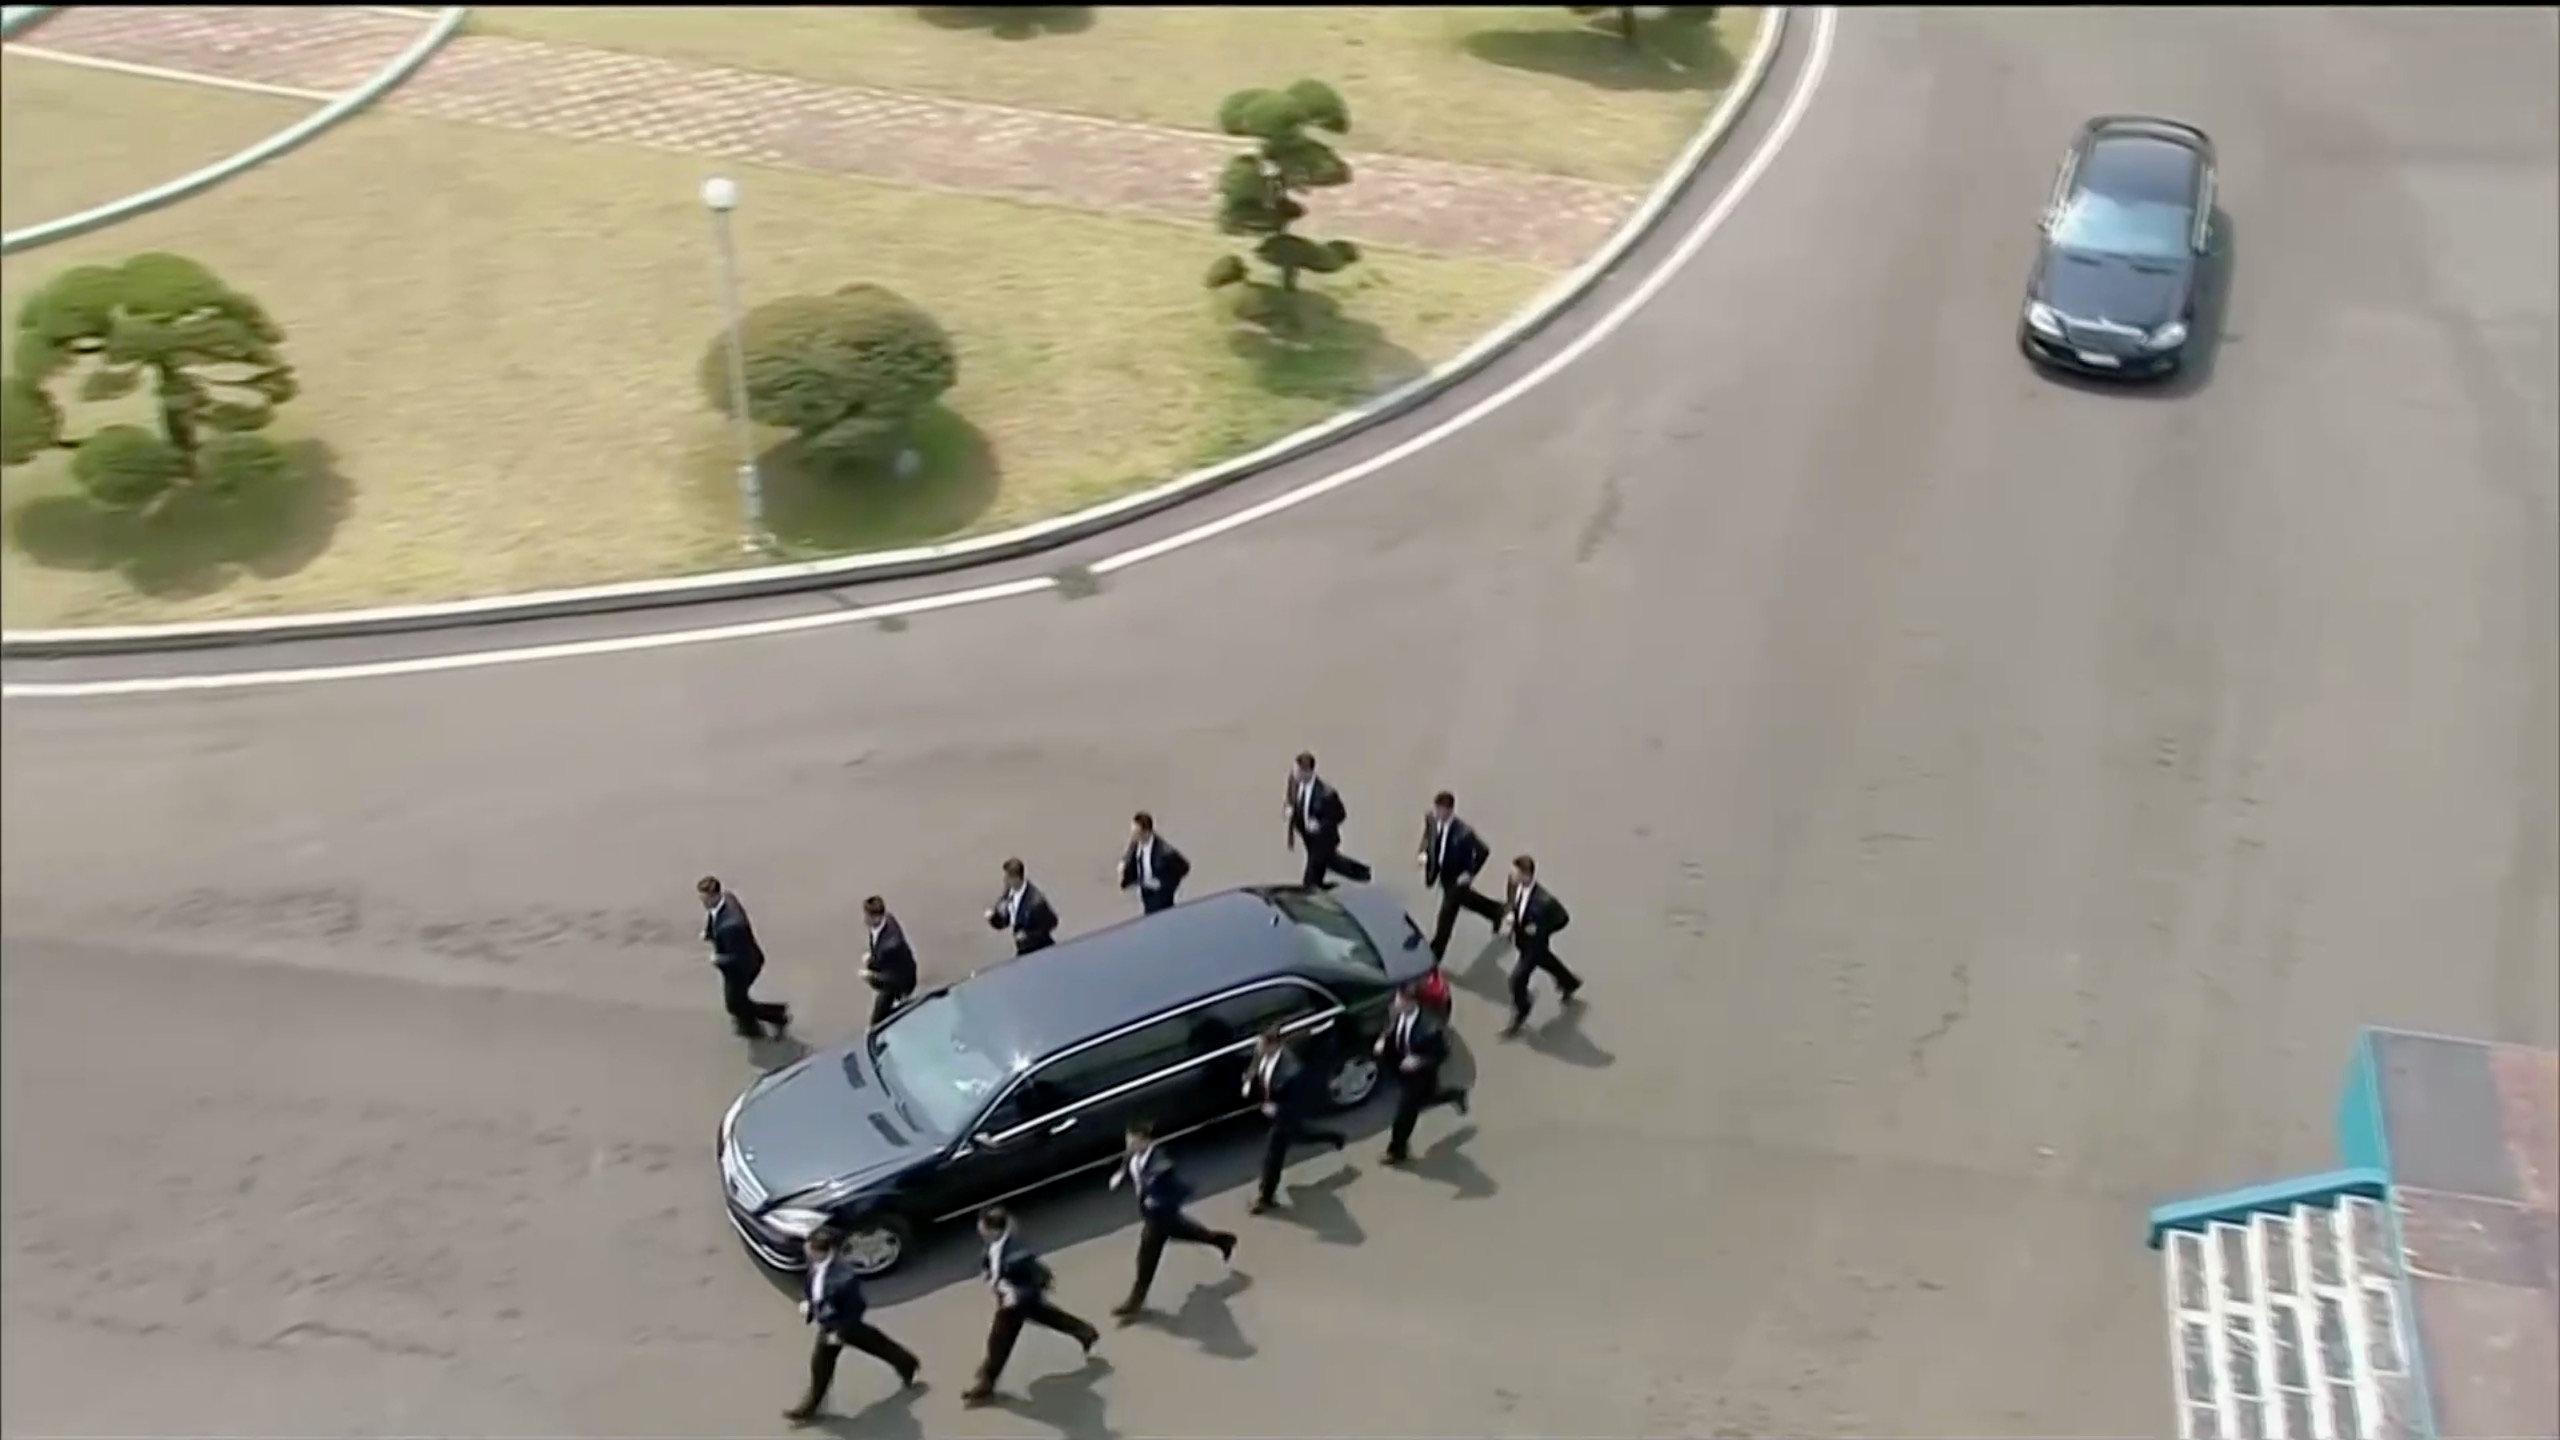 В Сети высмеяли охранников лидера КНДР Ким Чен Ын, бегущих за авто